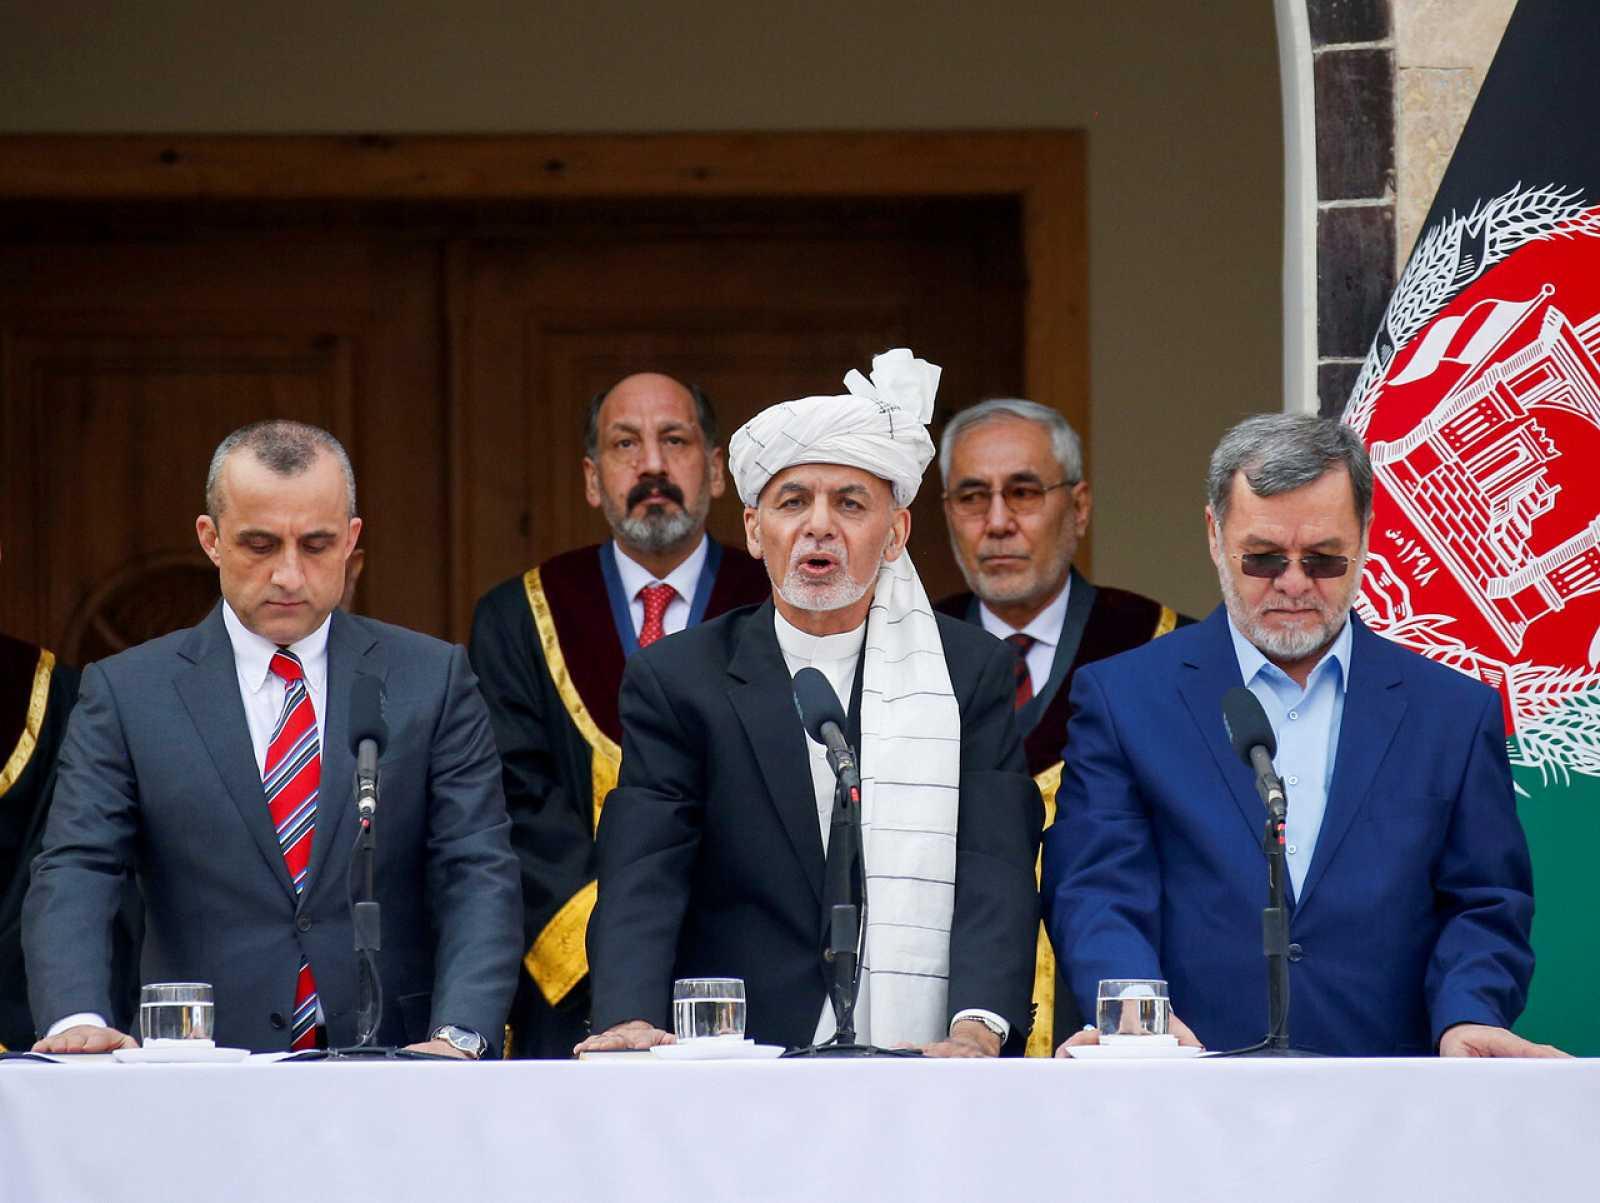 El Presidente de Afganistán Ashraf Ghani presta juramento durante su toma de posesión